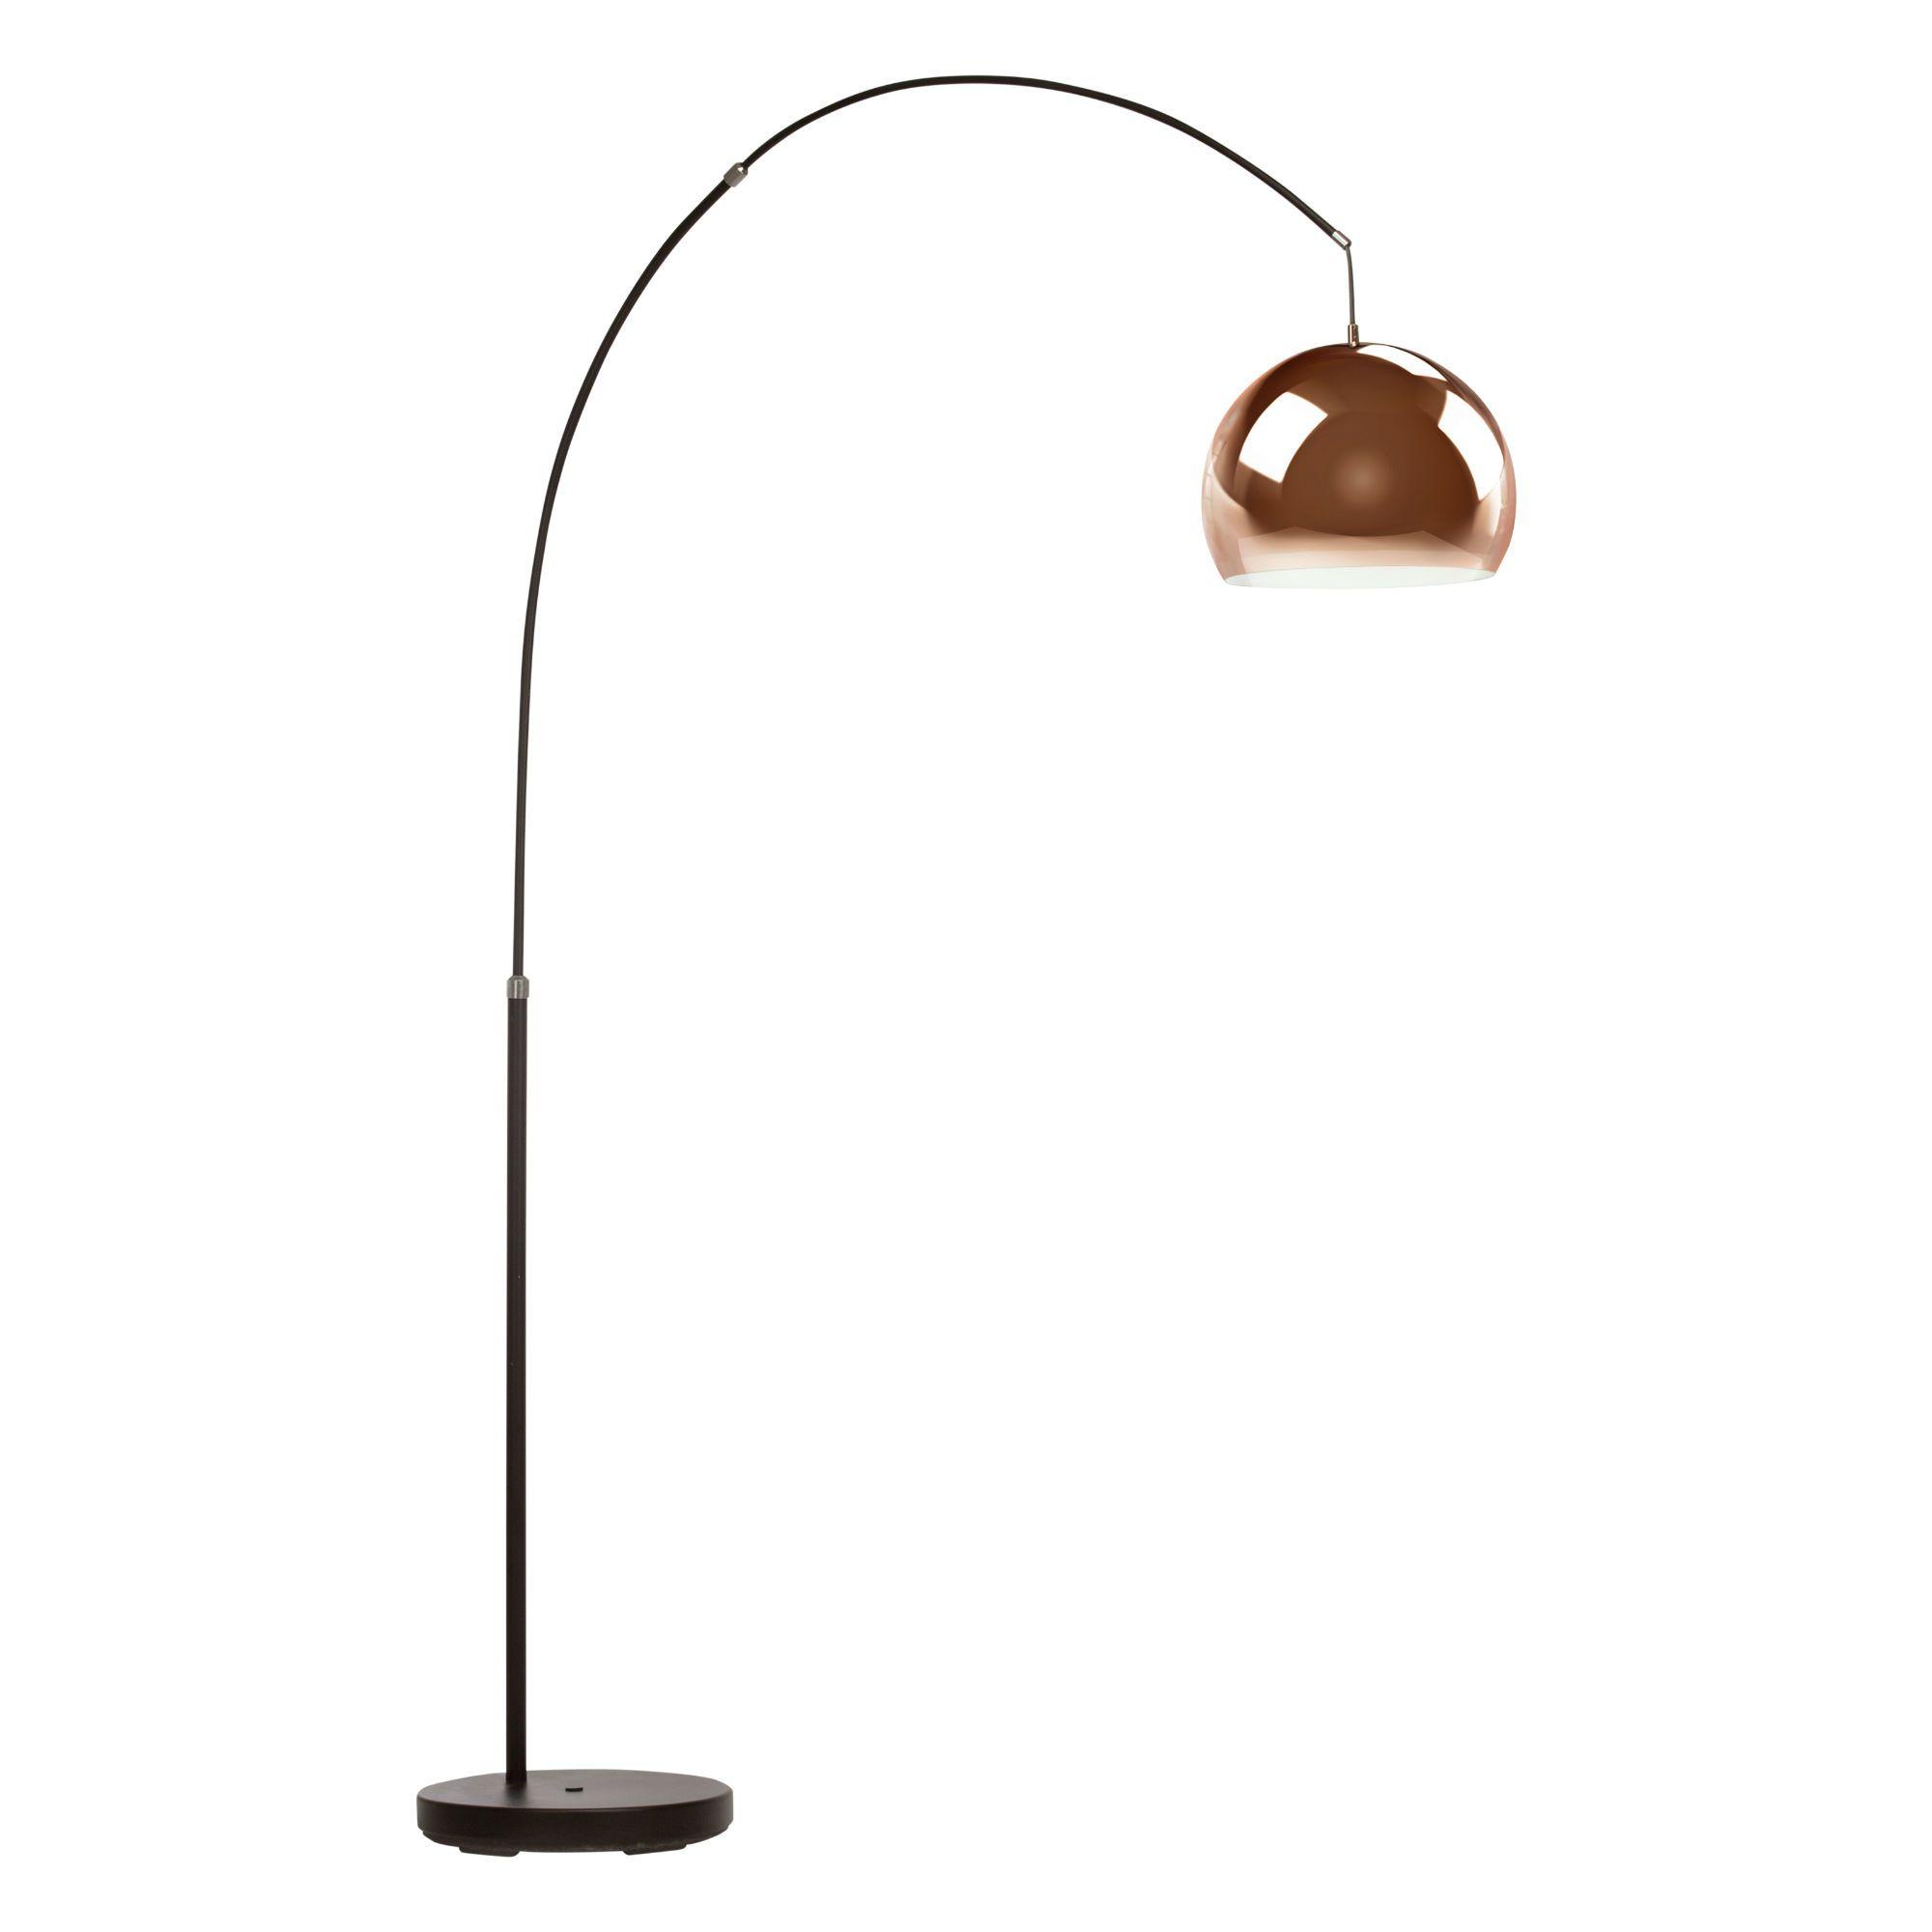 lampadaire arc noir cuivre h202cm nereide cuivre arcs noirs et lampadaire arc. Black Bedroom Furniture Sets. Home Design Ideas